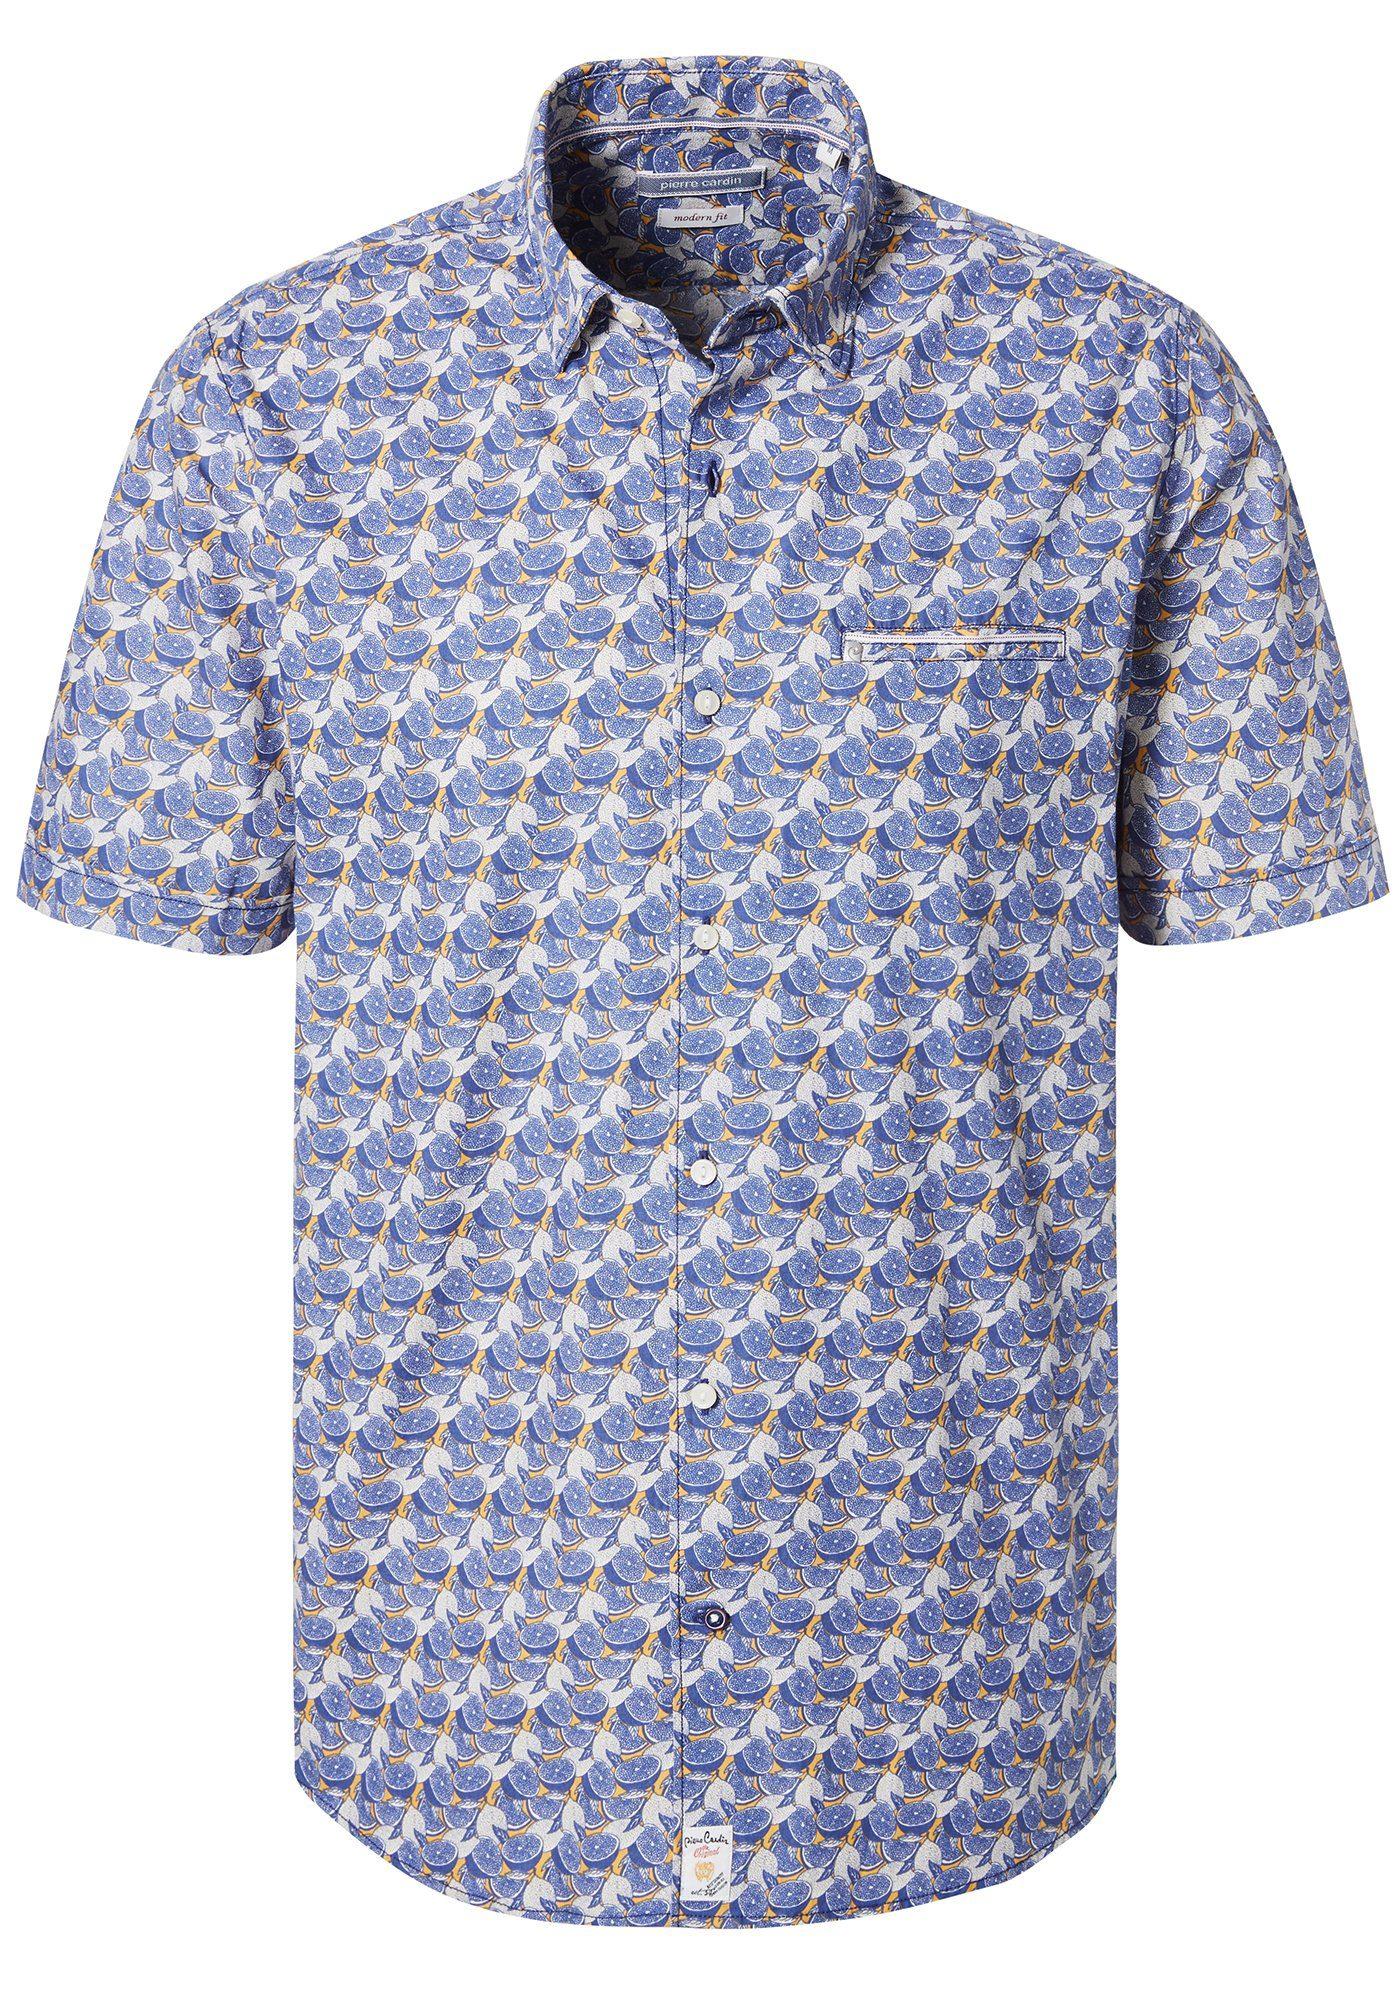 PIERRE CARDIN Hemd mit Zitrus-Print - Modern Fit